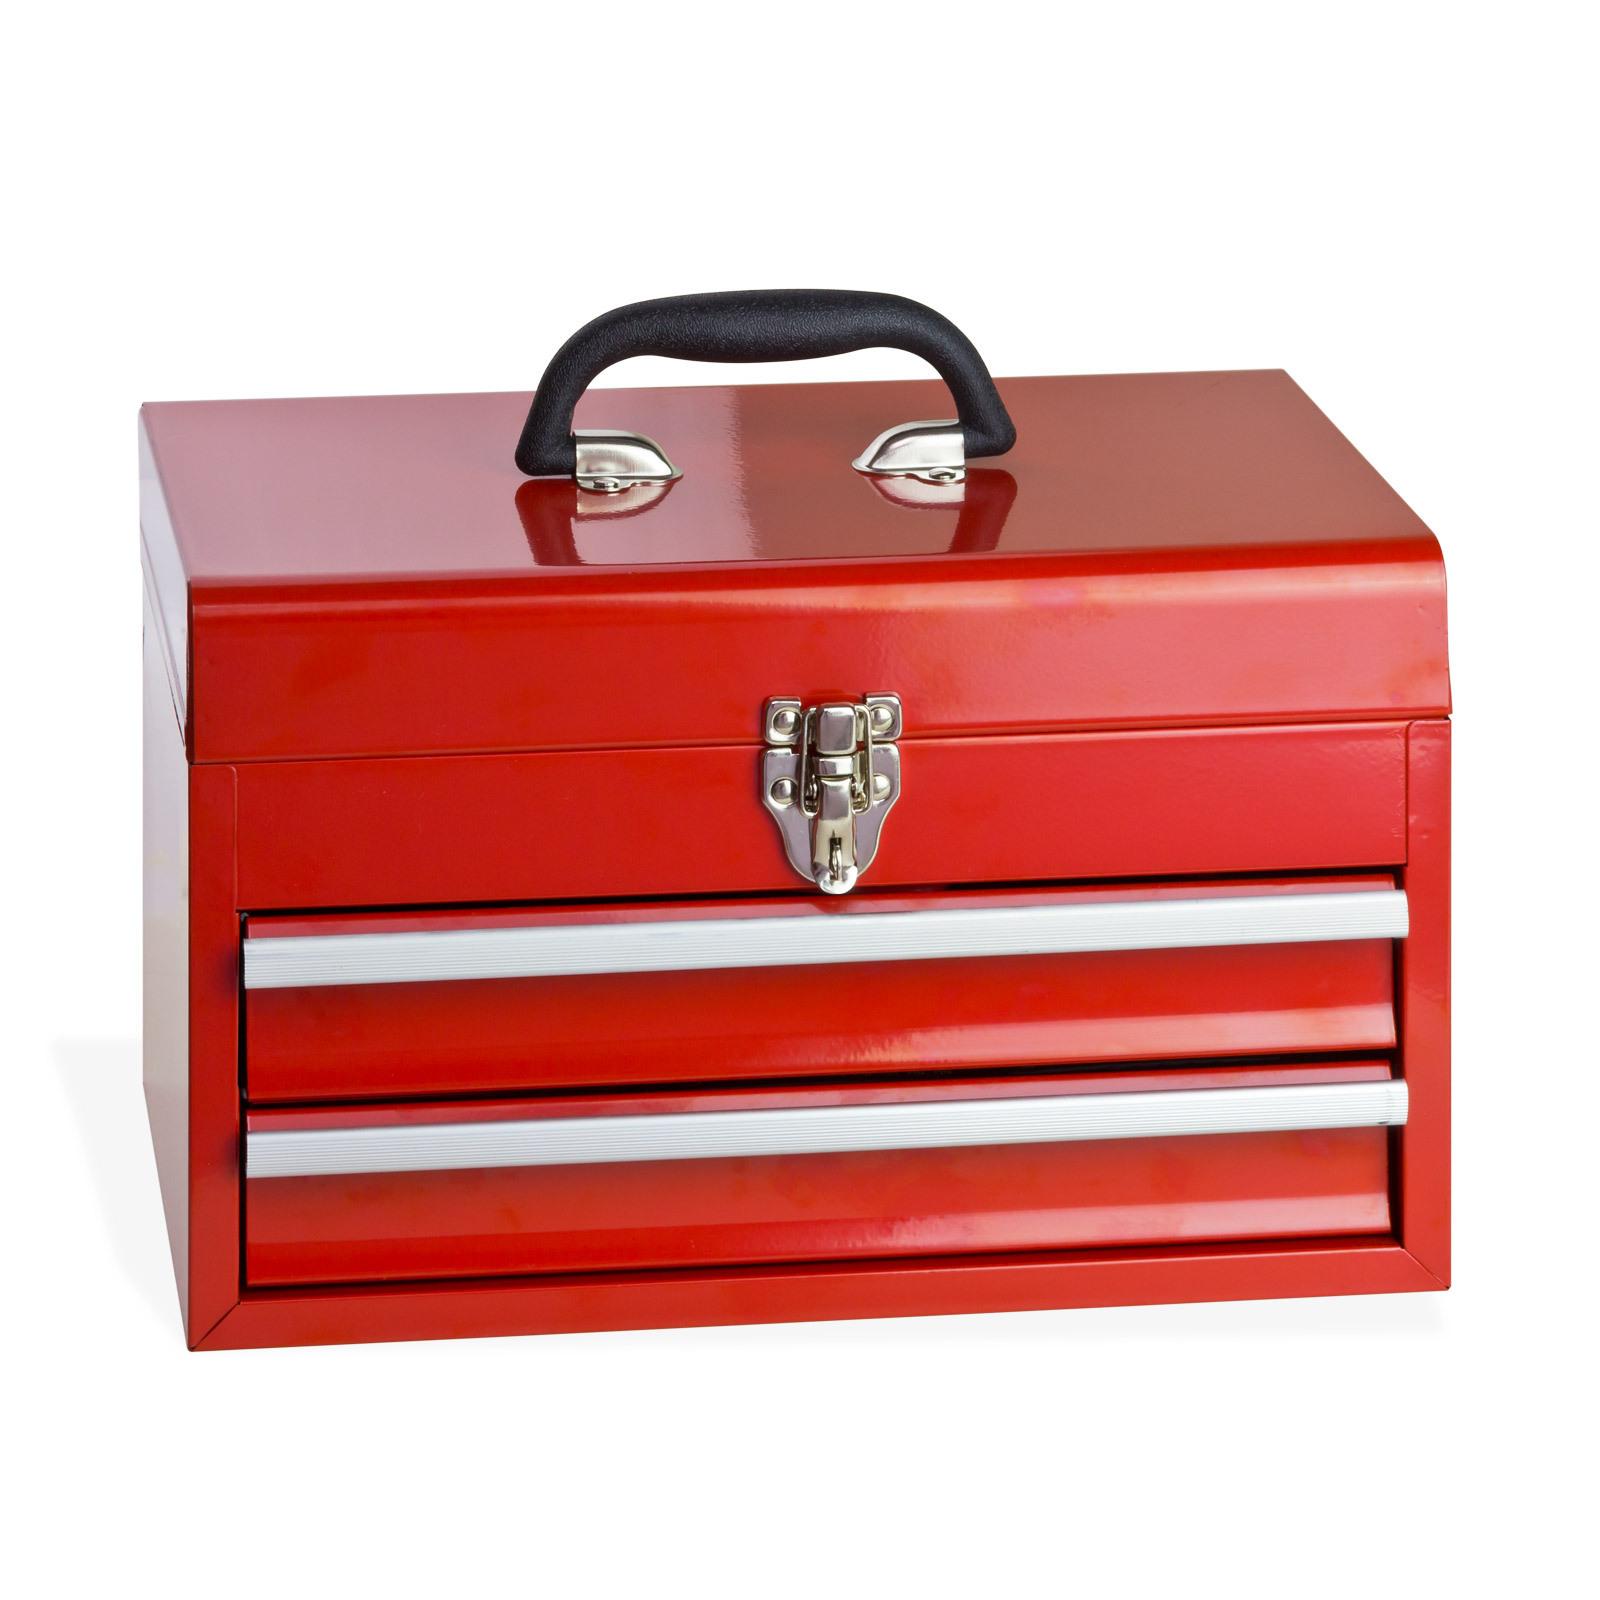 metall werkzeugkoffer werkzeugkiste mit werkzeug inhalt 155tlg mit 2 ausz gen ebay. Black Bedroom Furniture Sets. Home Design Ideas